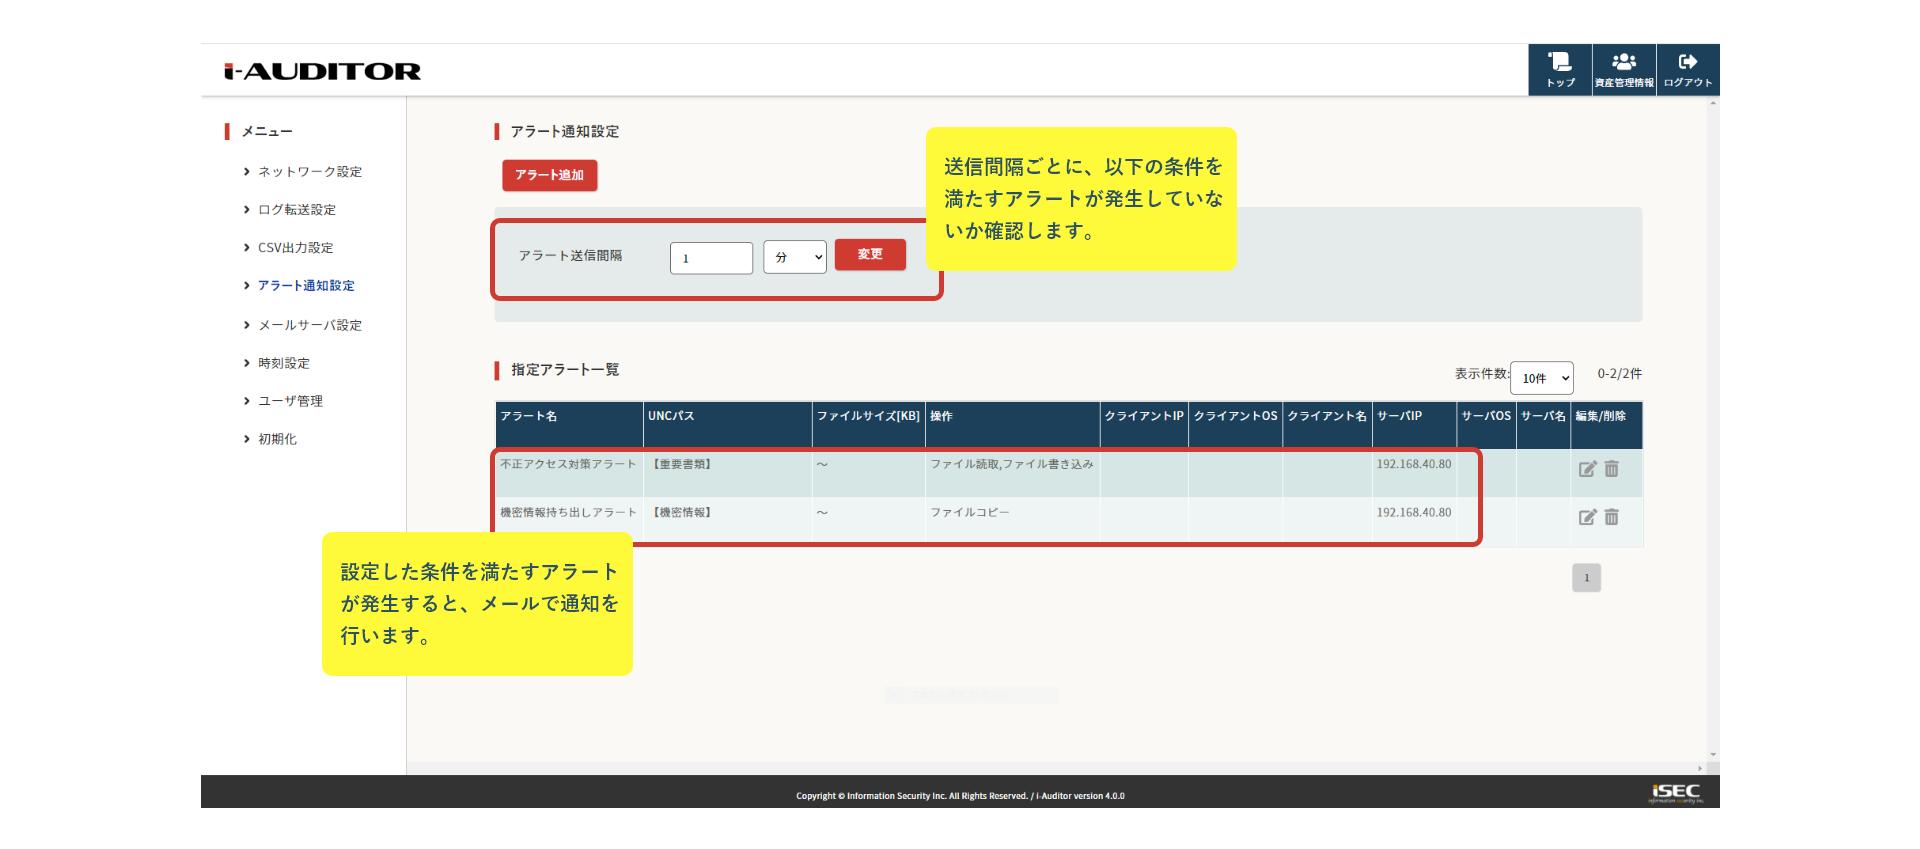 i-Auditor|設定した条件を満たすアラートが発生すると、メールで通知を行います。